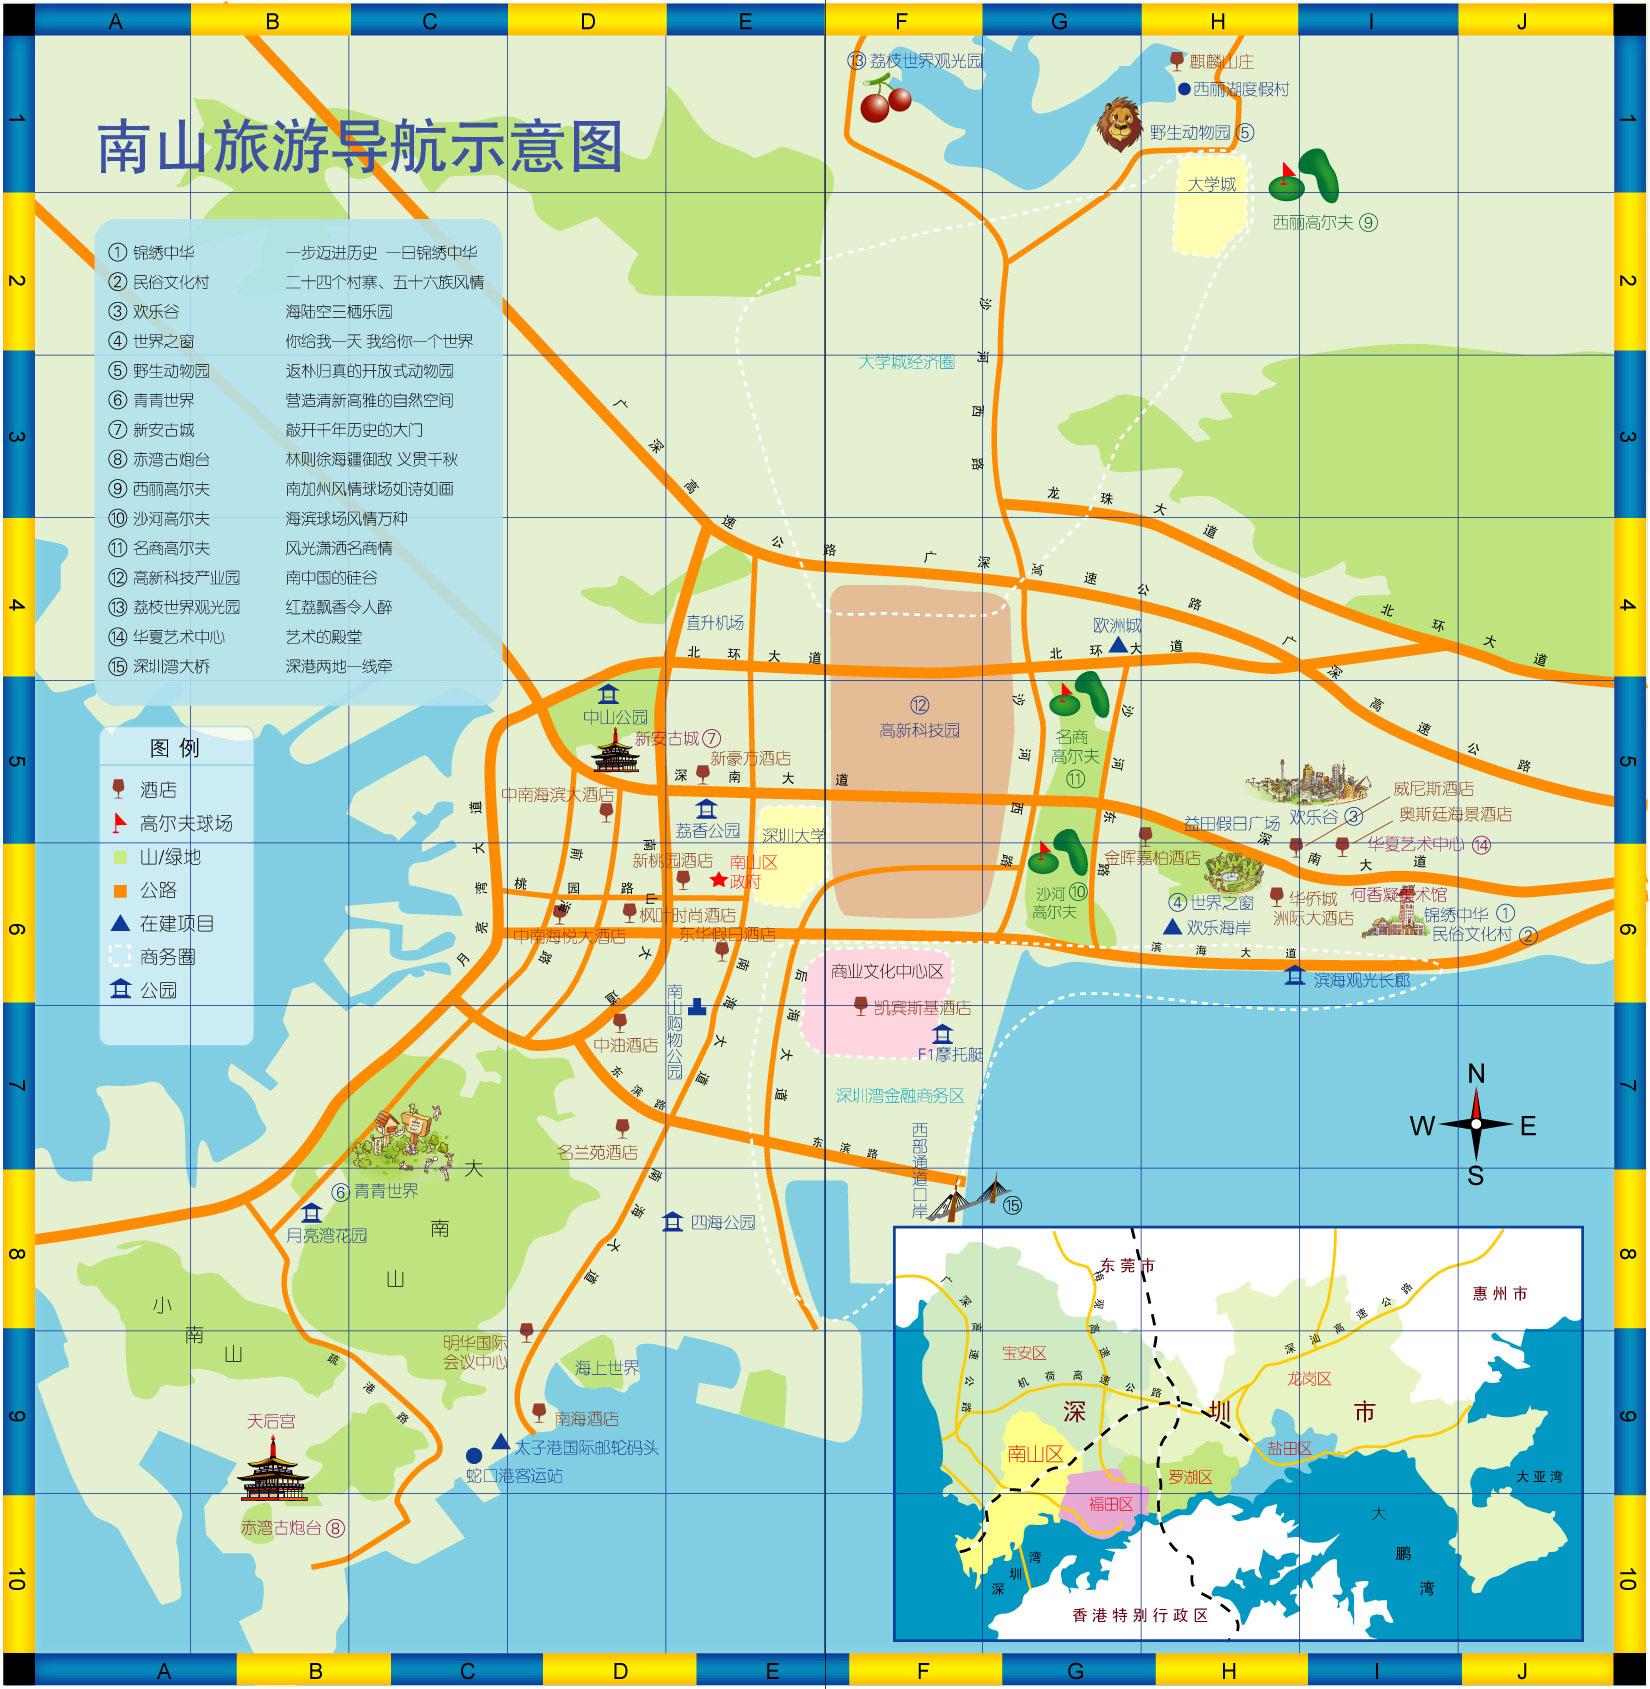 【图】《重庆市南岸区 南山旅游 美食手绘大 地图 》